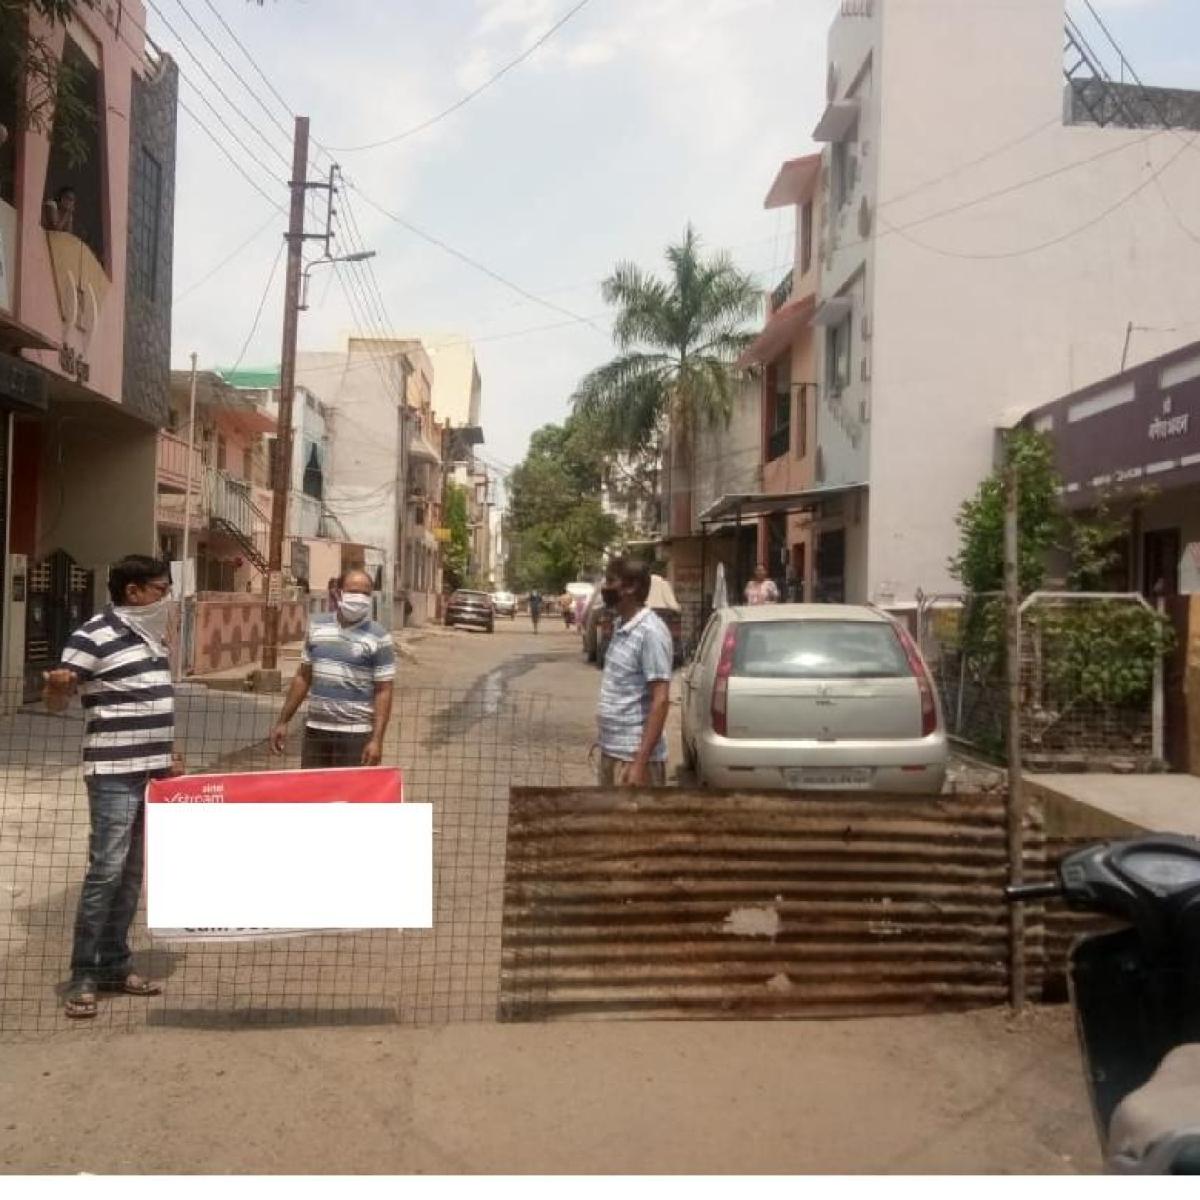 Coronavirus in Madhya Pradesh: Ratlam now a green zone